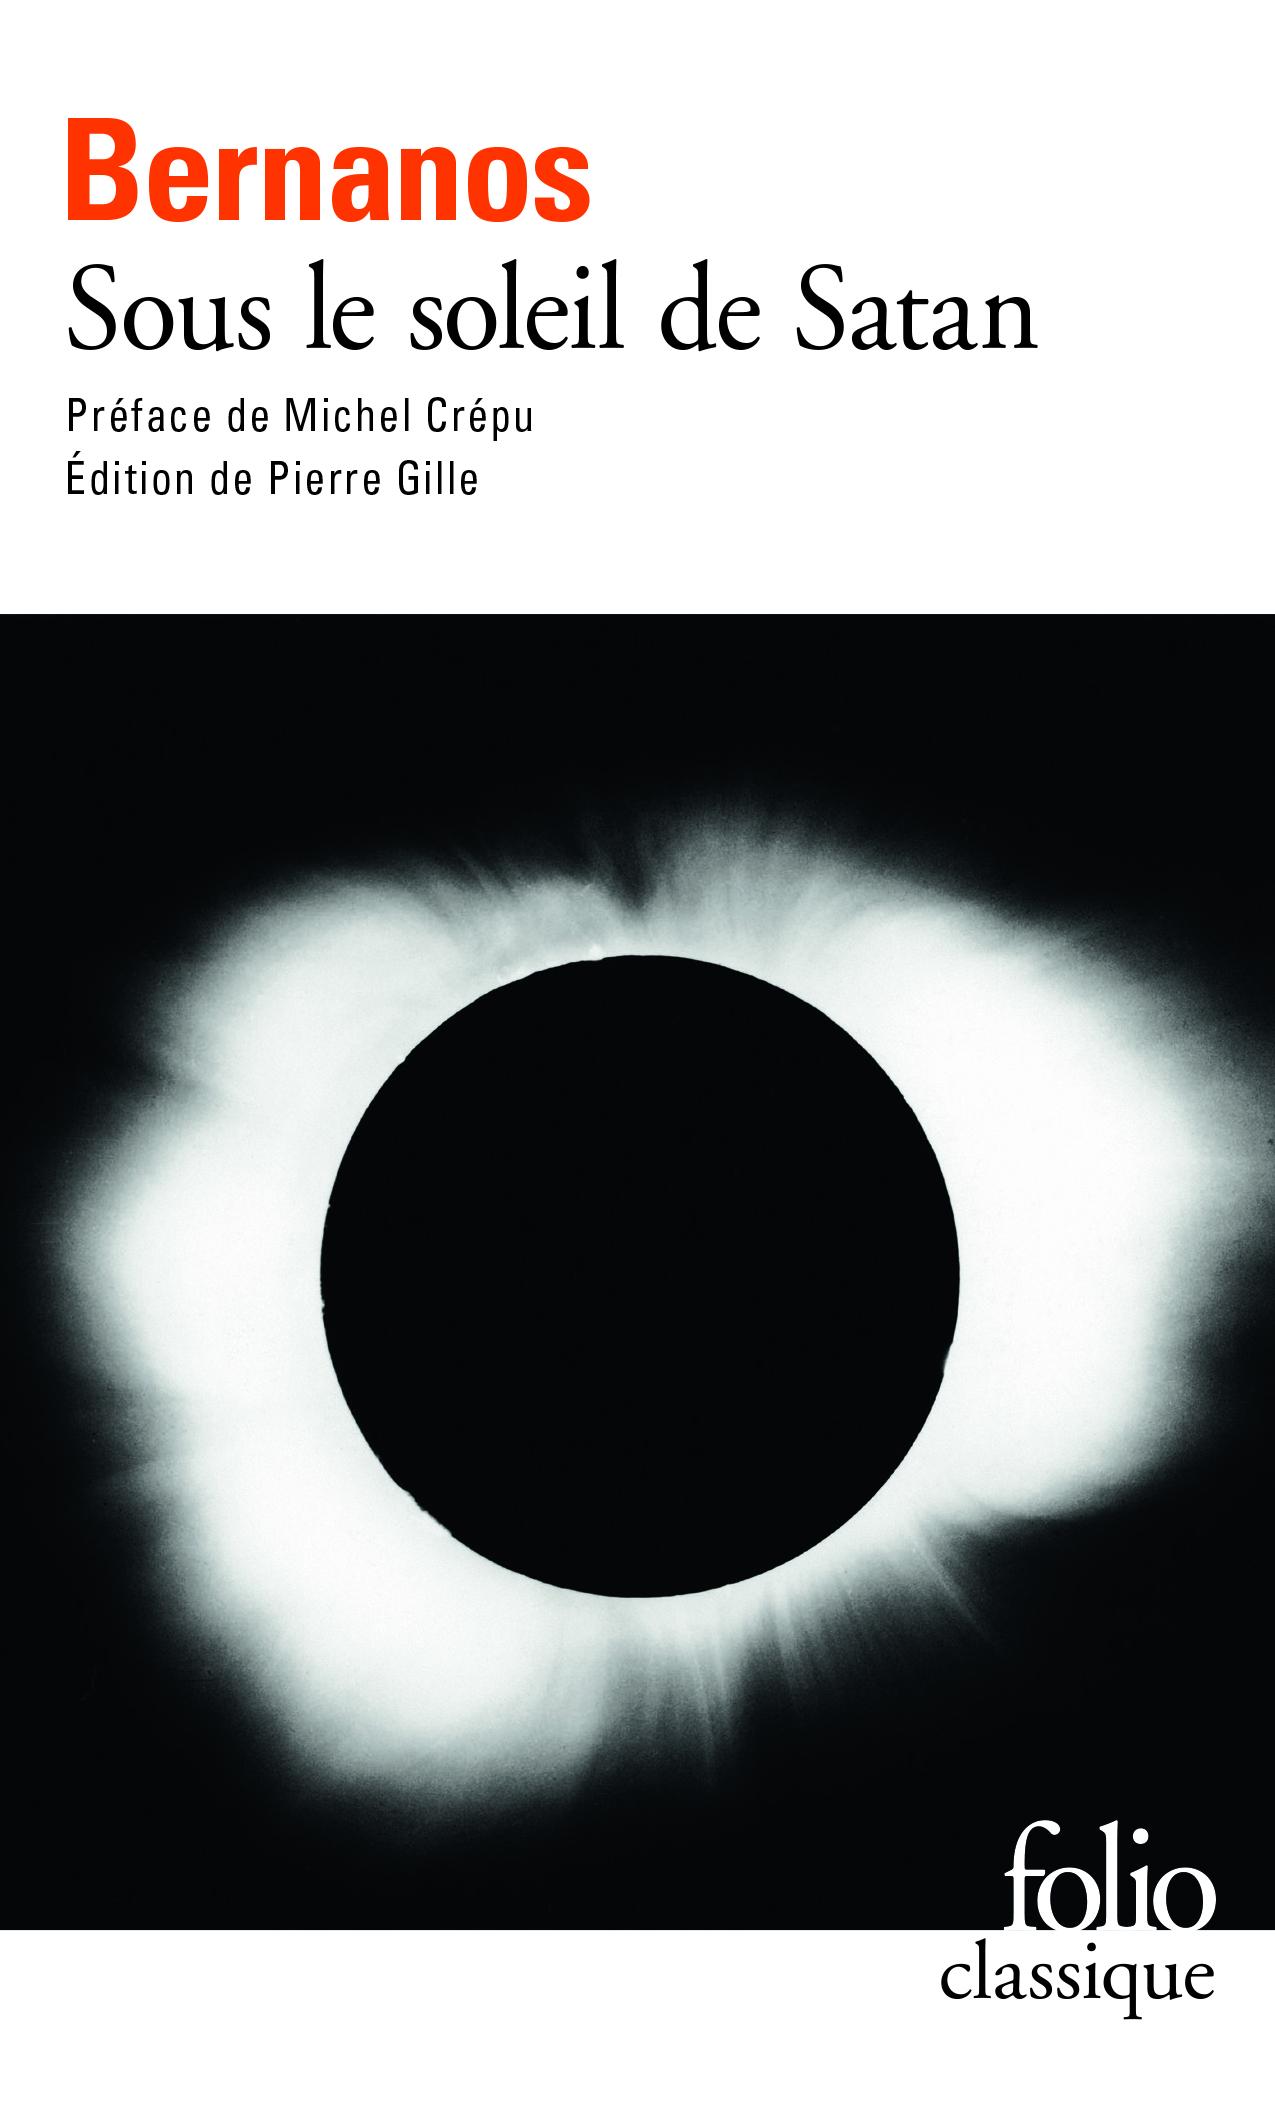 G. Bernanos, Sous le soleil de Satan (éd. P. Gilles, Folio Classique)